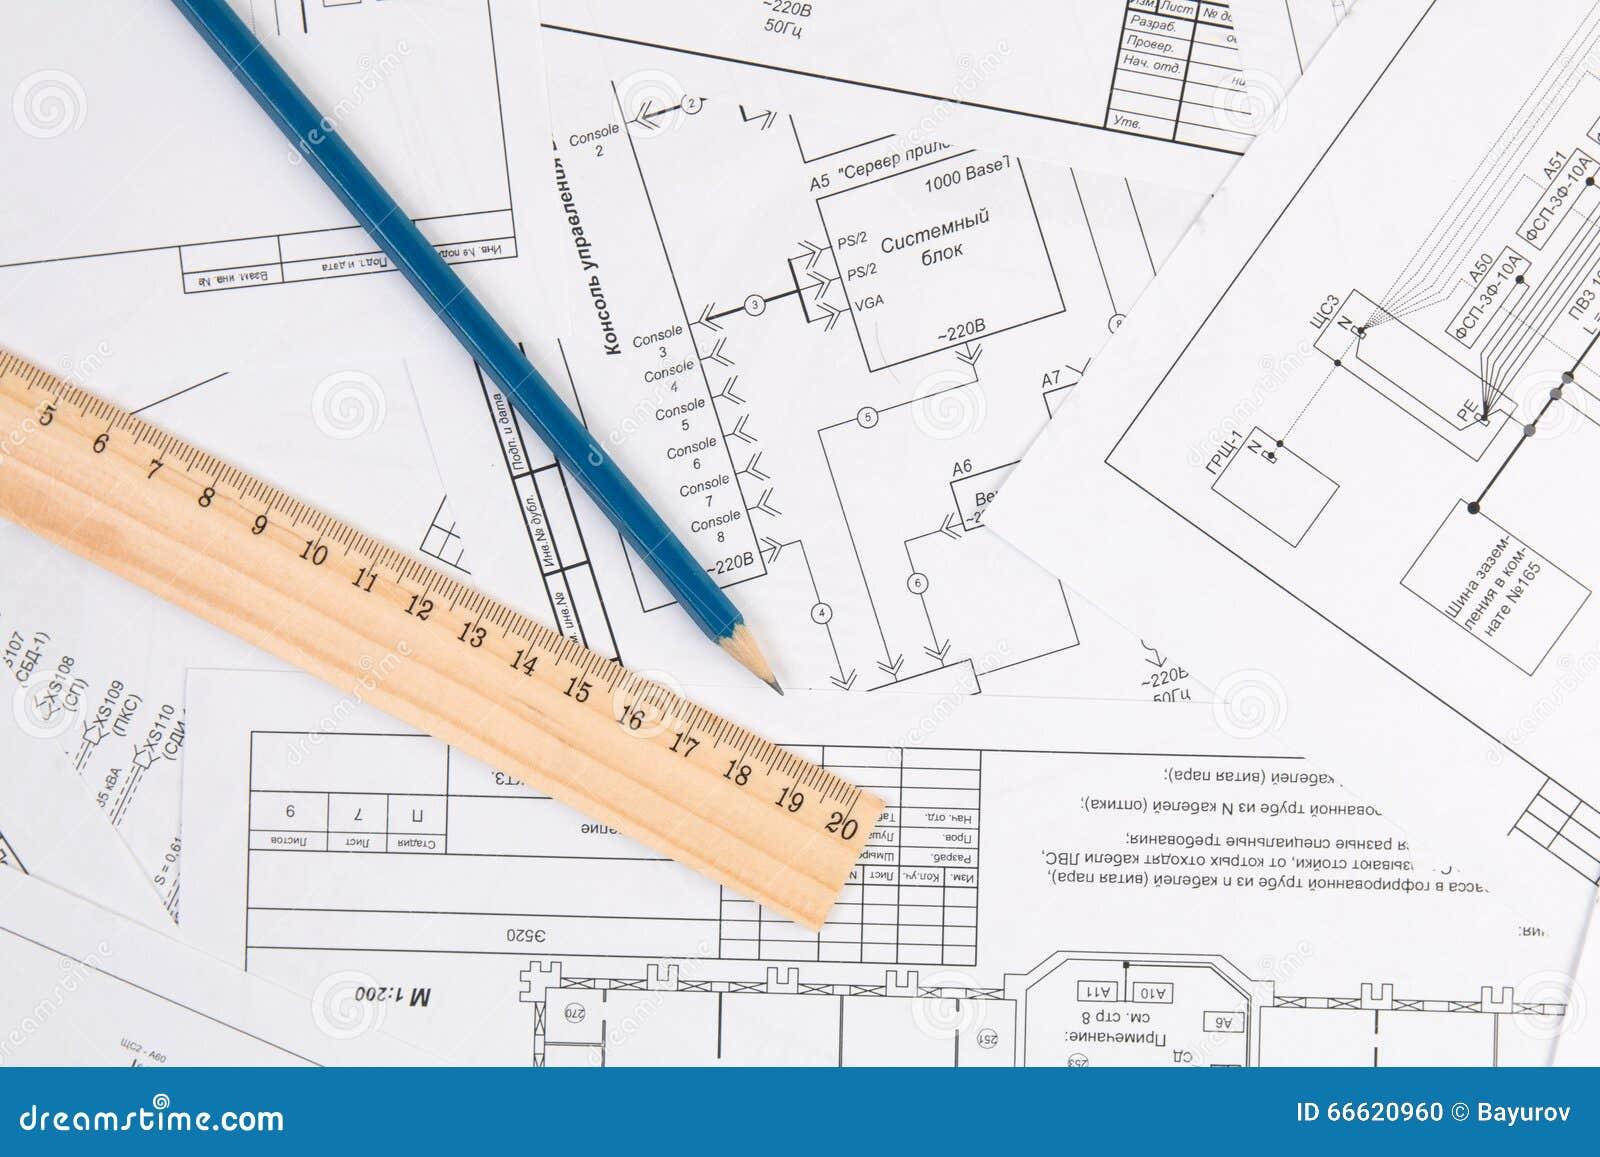 Σχέδια, μολύβι και κυβερνήτης ηλεκτρικής εφαρμοσμένης μηχανικής